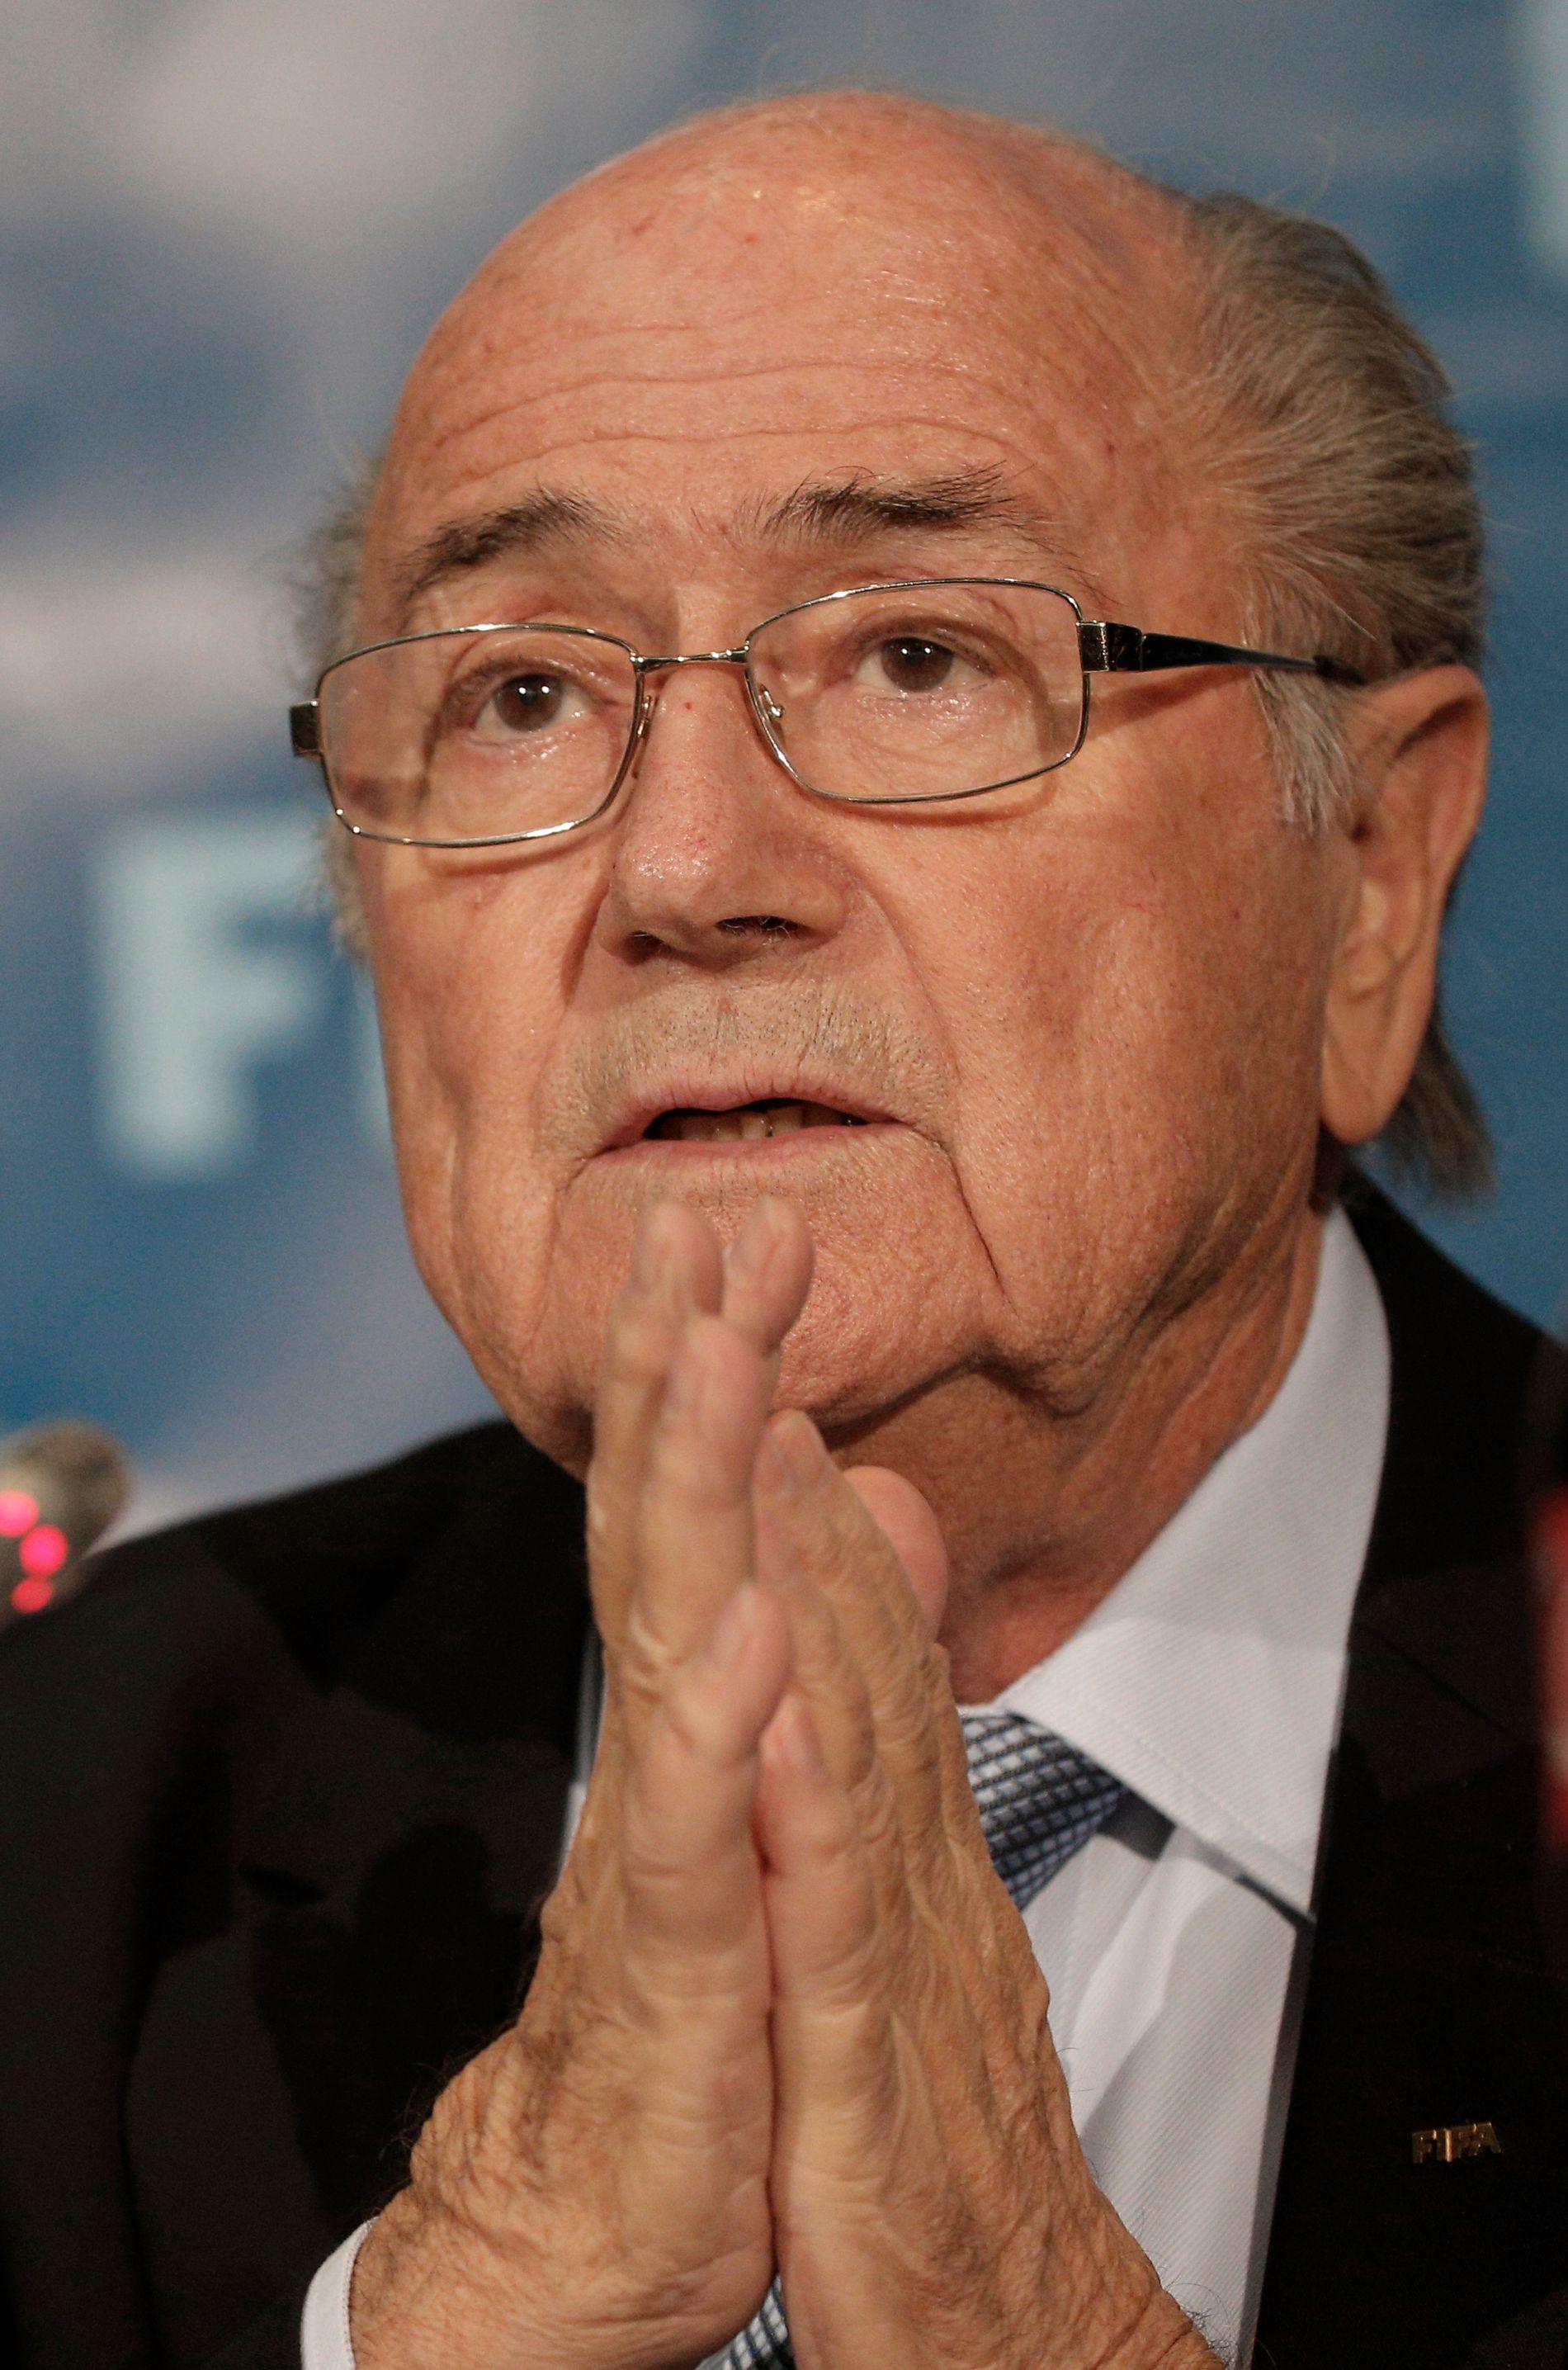 Tidligere FIFA-president Sepp Blatter sier i et intervju at han planlegger å saksøke det internasjonale fotballforbundet og dets president Gianni Infantino. Foto: Christophe Ena, AP / NTB scanpix